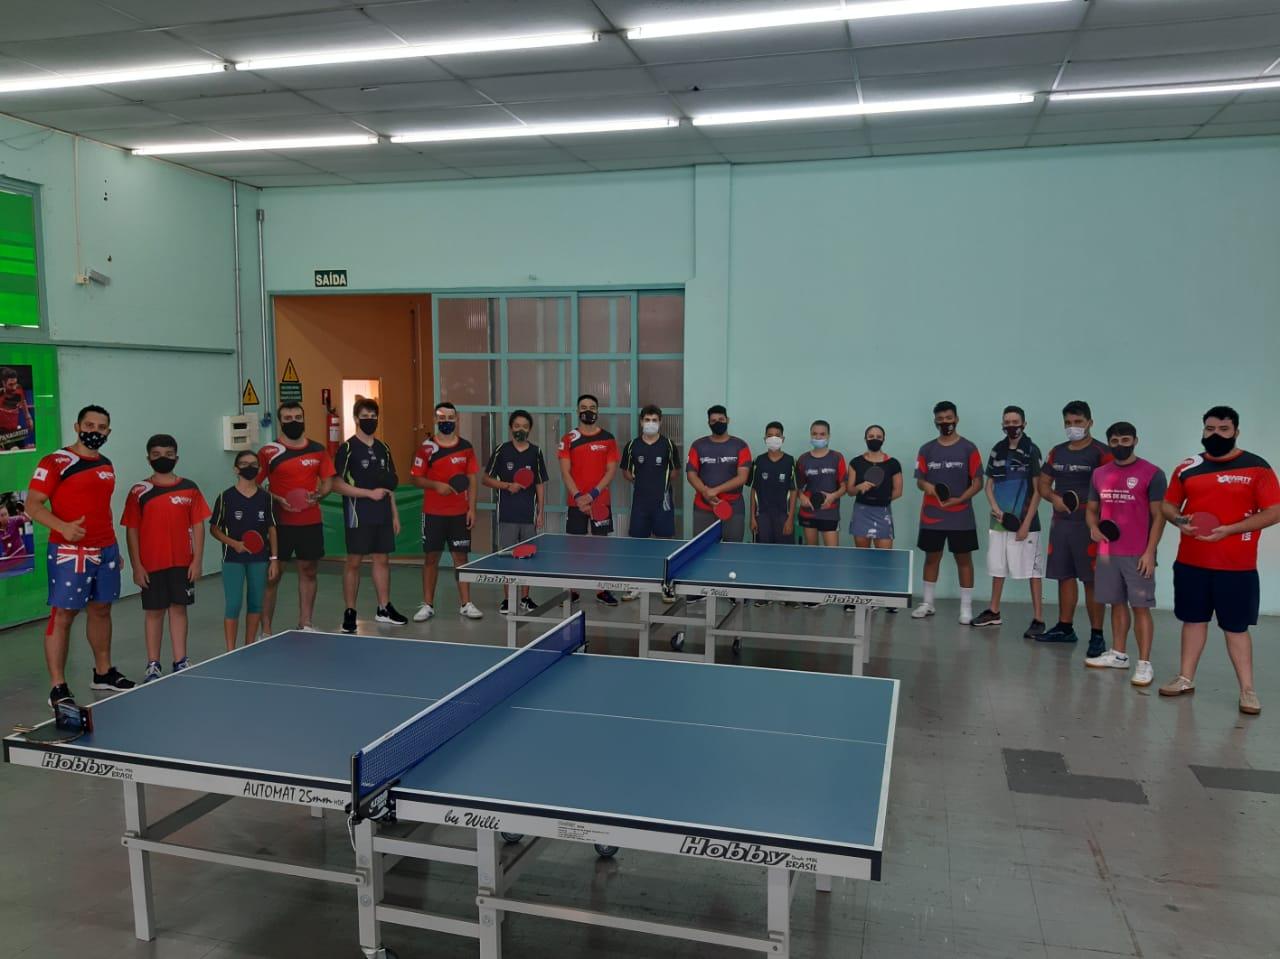 Encontro de tênis de mesa oferece treinamento especial para alunos da modalidade